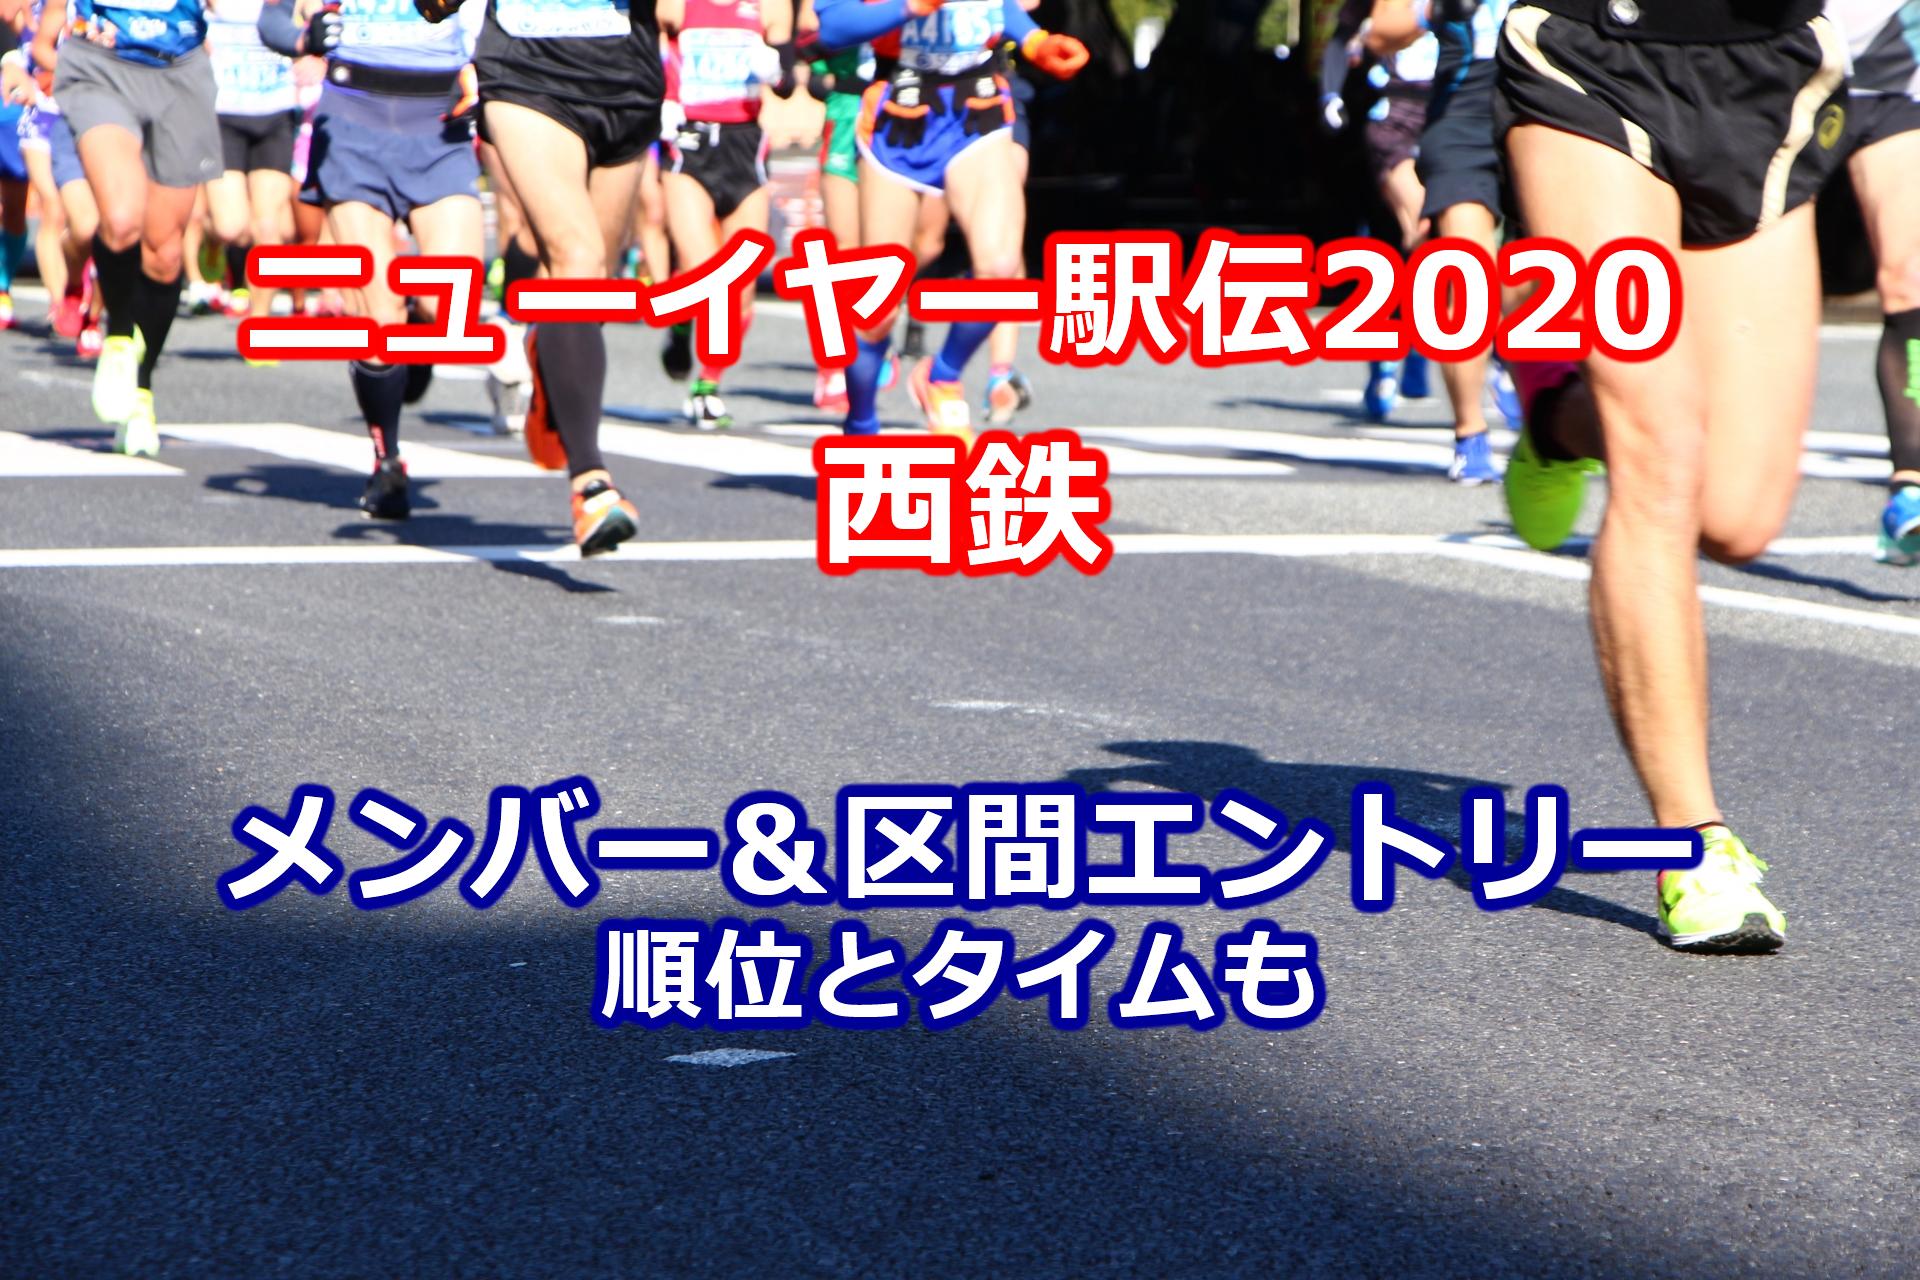 駅伝 2020 結果